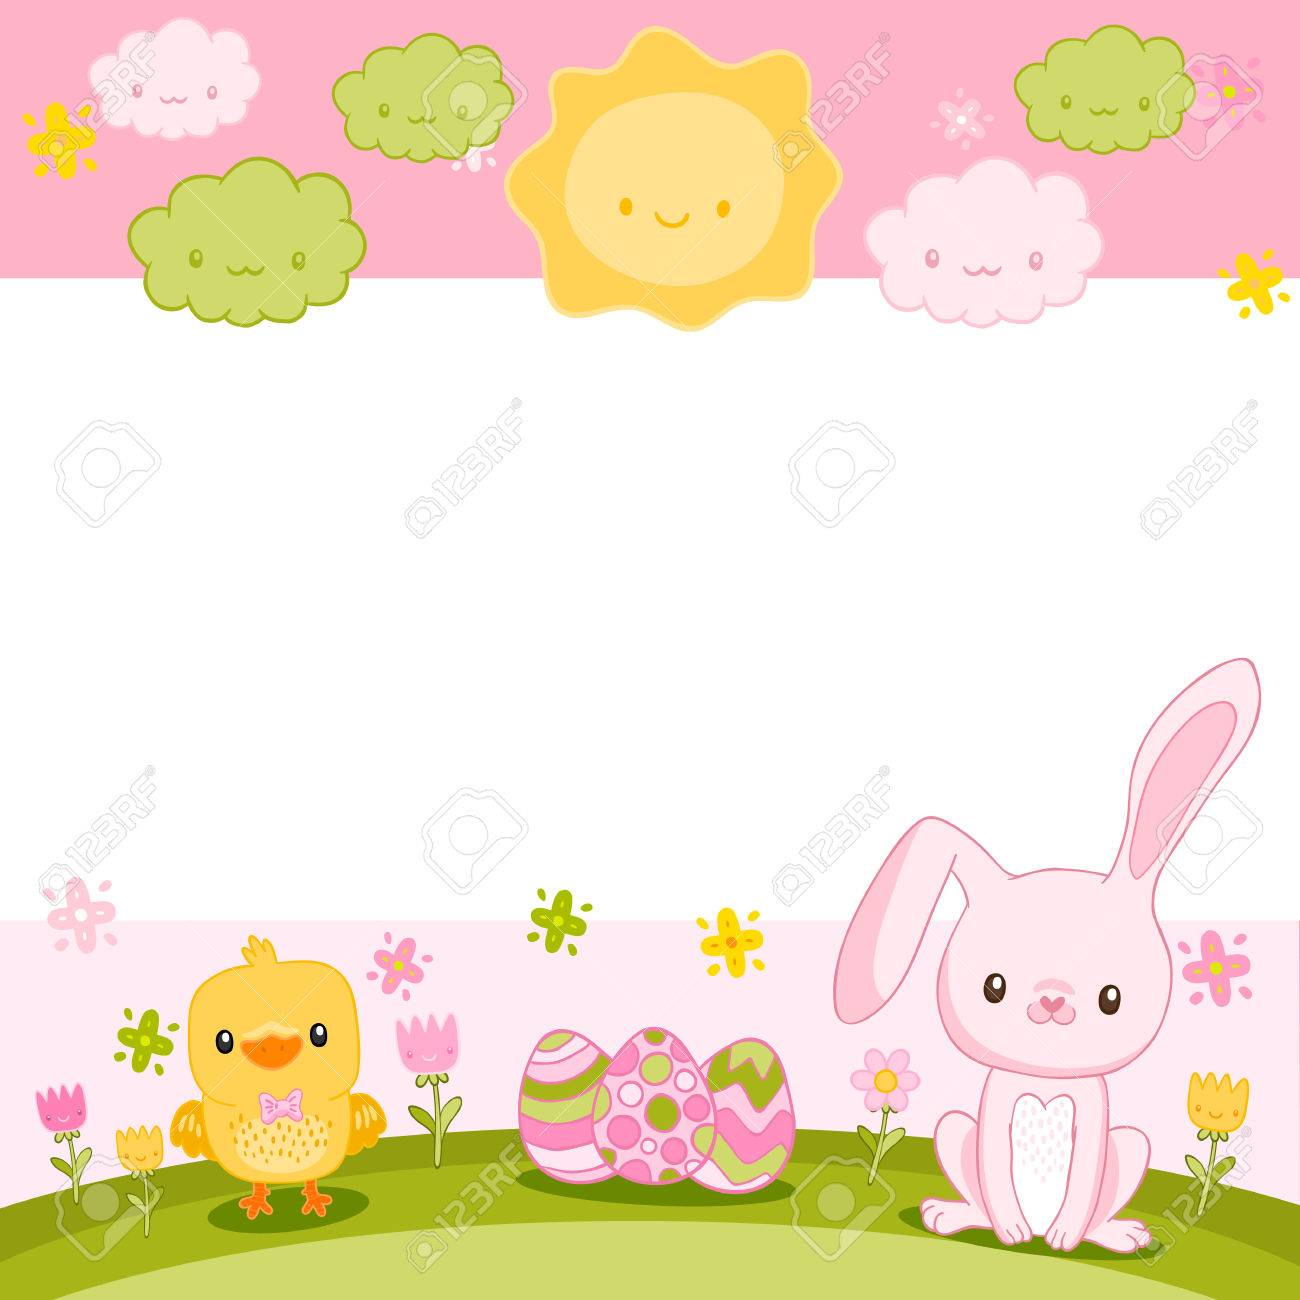 Frohe Ostern Hintergrund Mit Cartoon Niedlichen Häschen Und Huhn